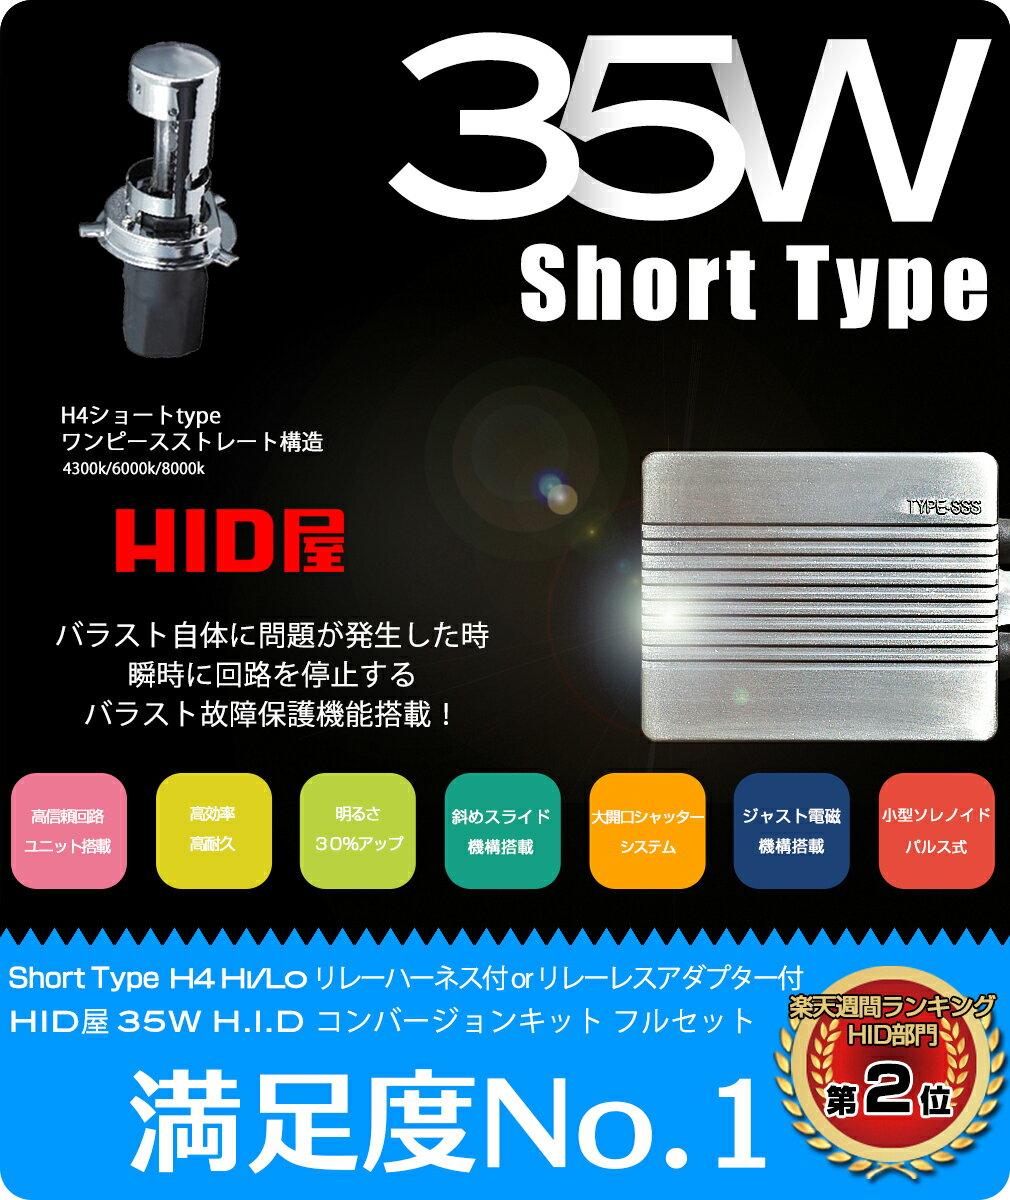 ホンダ STREAM ストリーム HID H12.9〜H15.8、H18.7〜 RN1・2・3・4、RN6・7・8・9 に適合 HID屋 HIDキット ヘッドライト 35W H4 Hi/Lo オリジナルショートバルブ リレー付